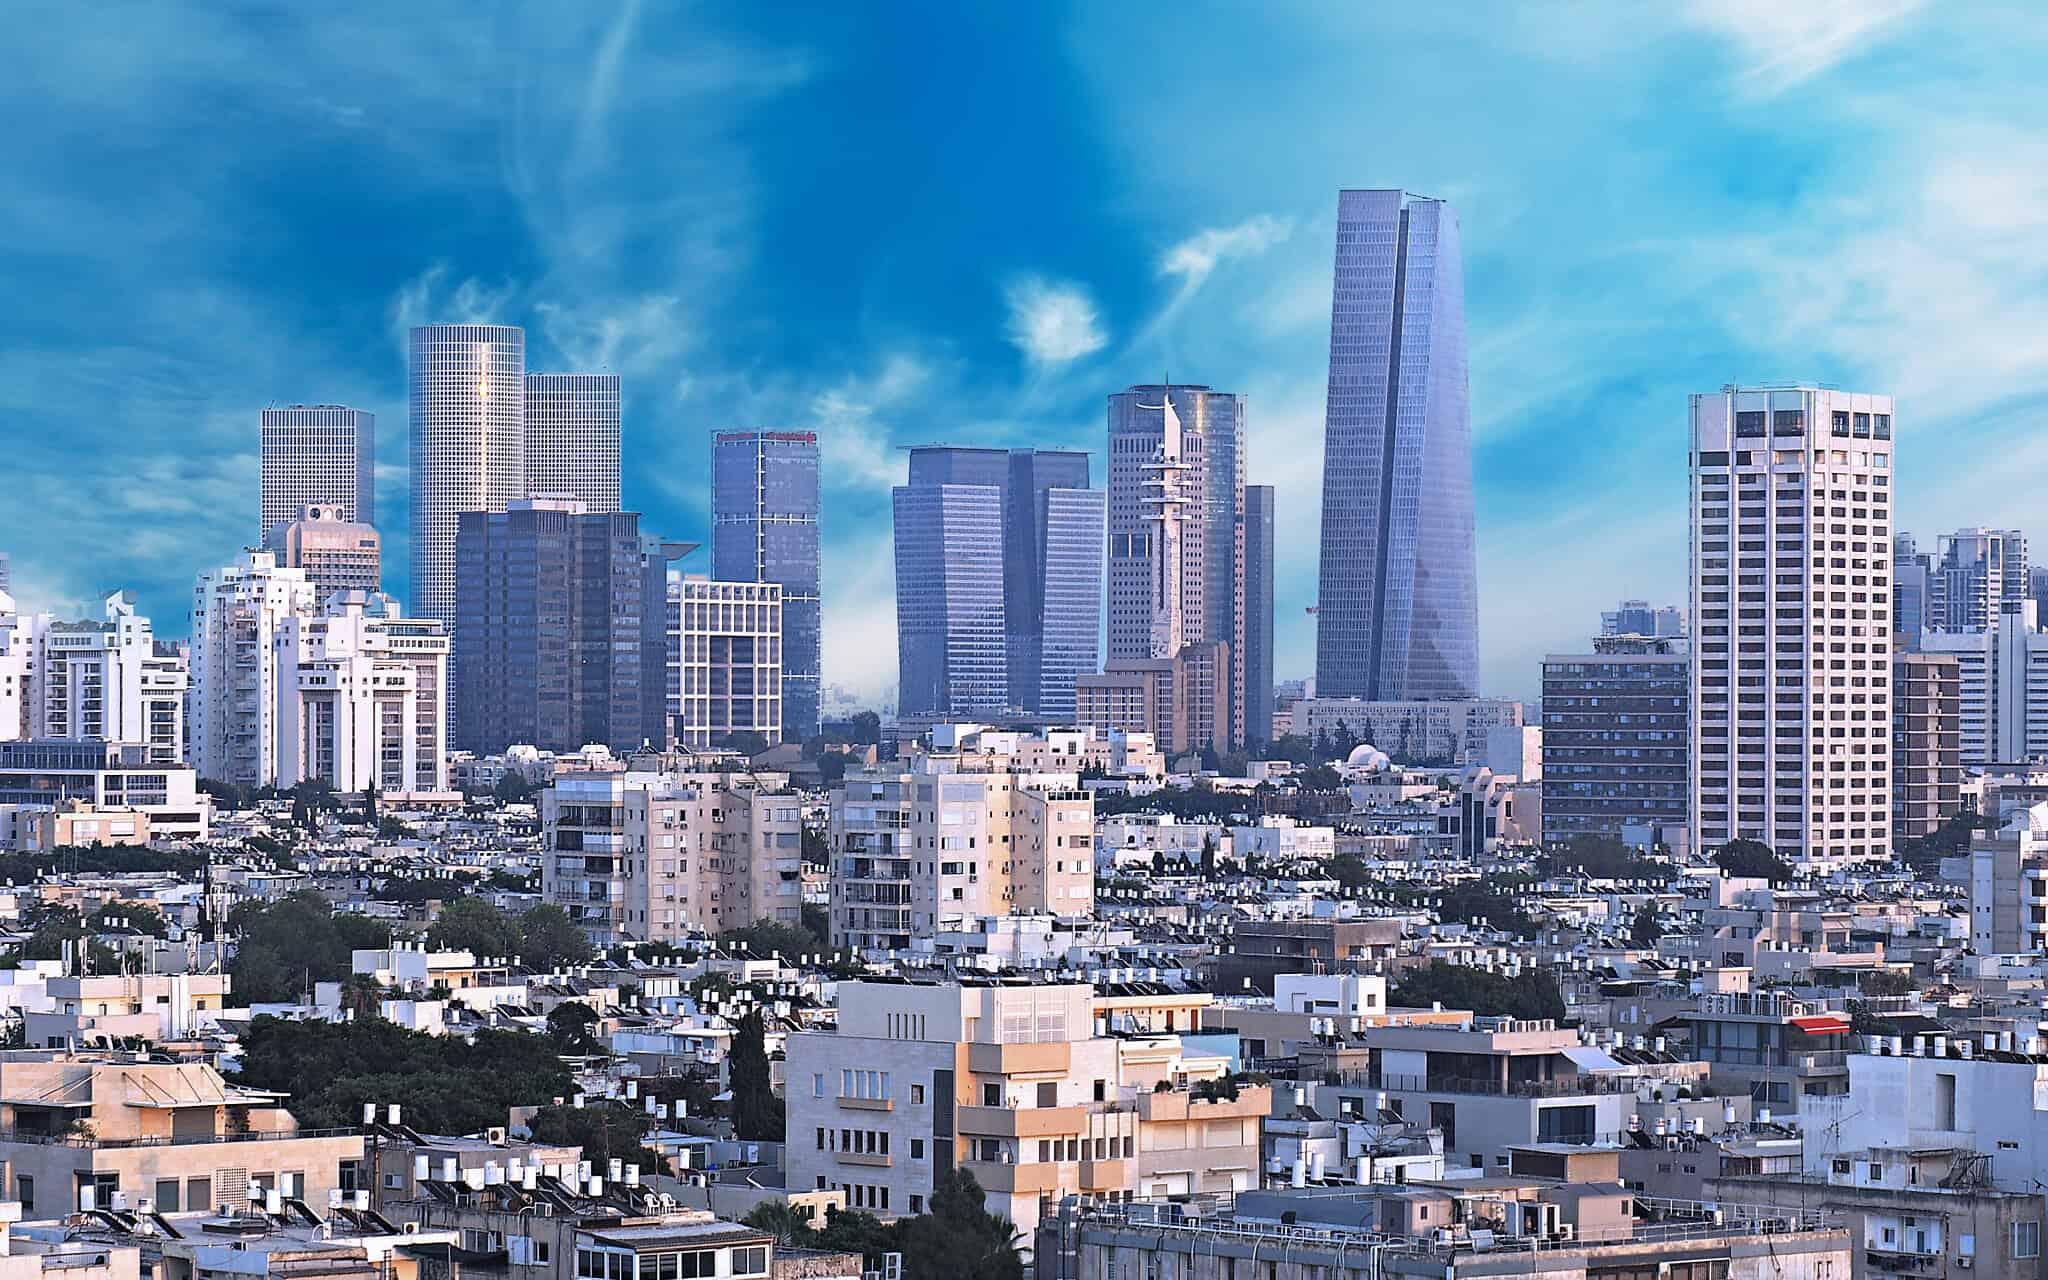 קו הרקיע של תל אביב – ניגוד בין הבניה הישנה וזו החדשה (צילום: Fabrice Peresse/iStock)